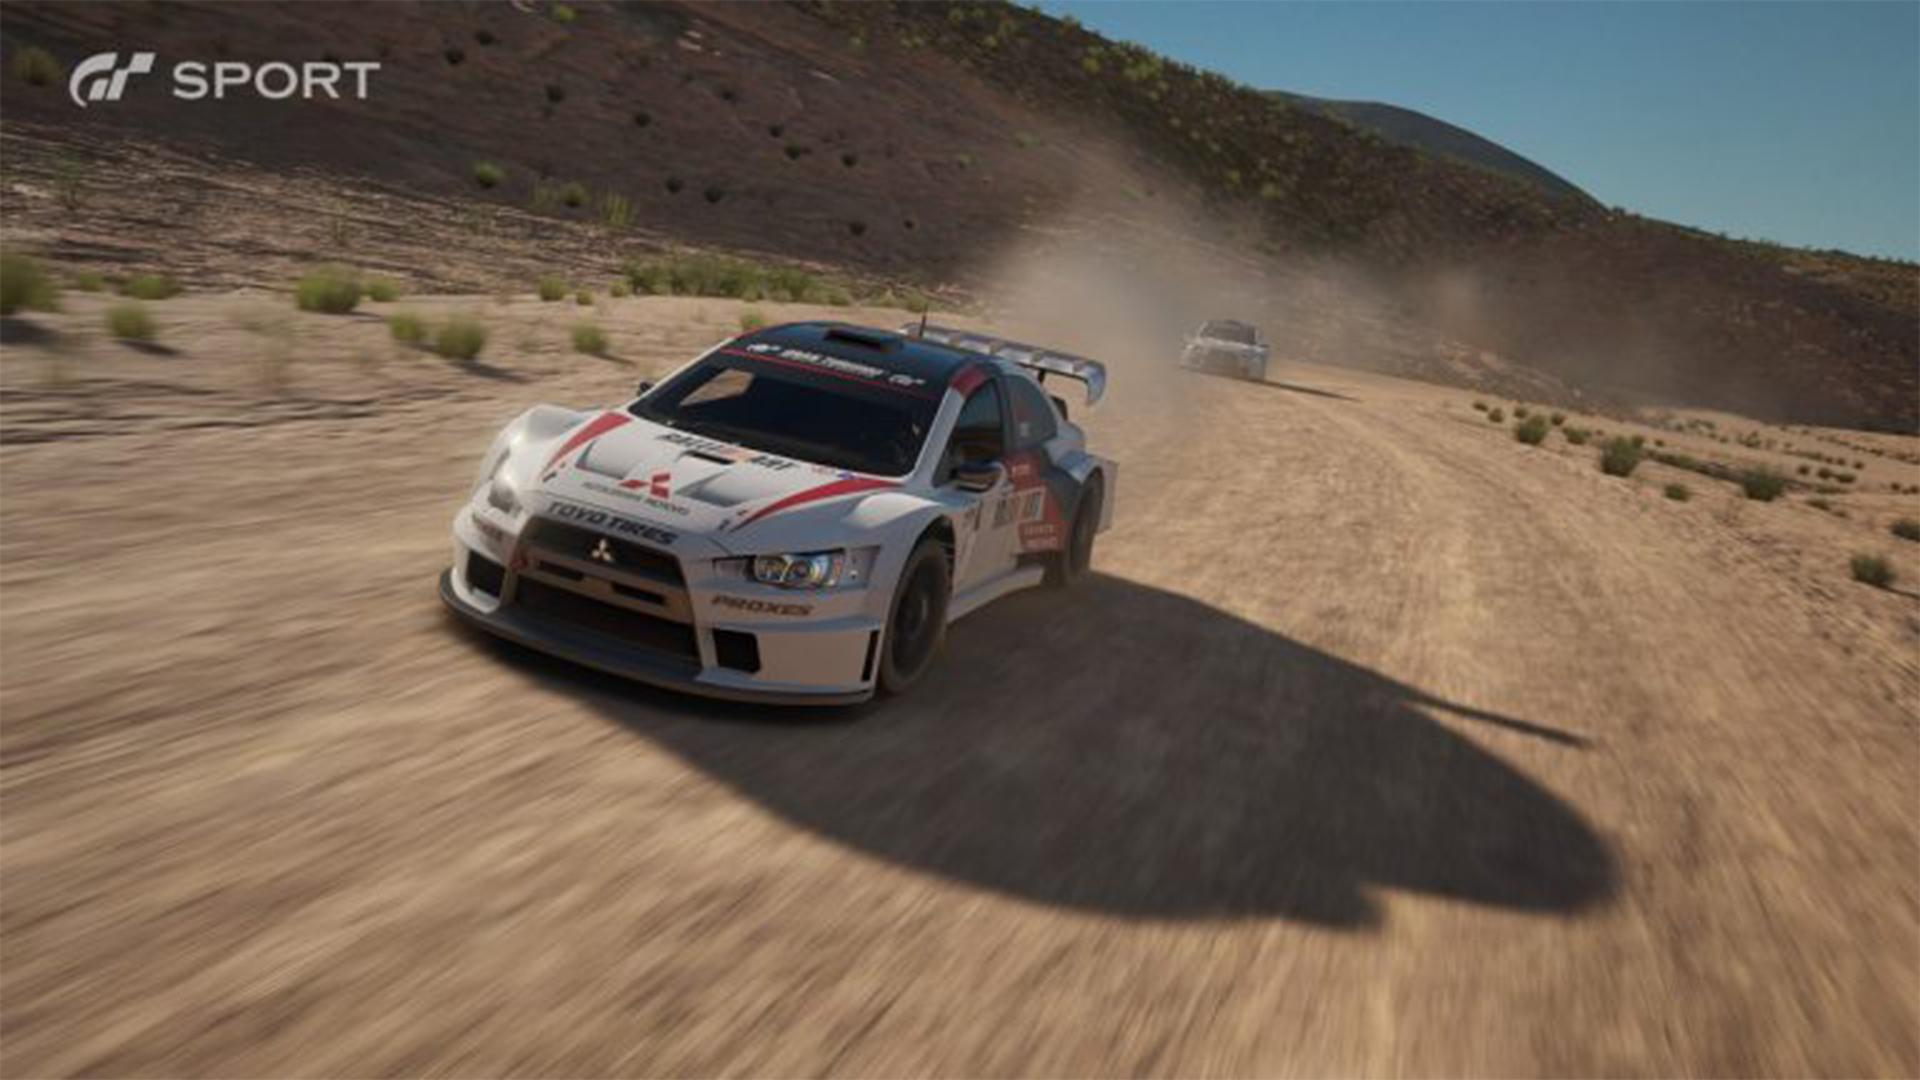 Prueba el demo de Gran Turismo Sport el 9 de octubre